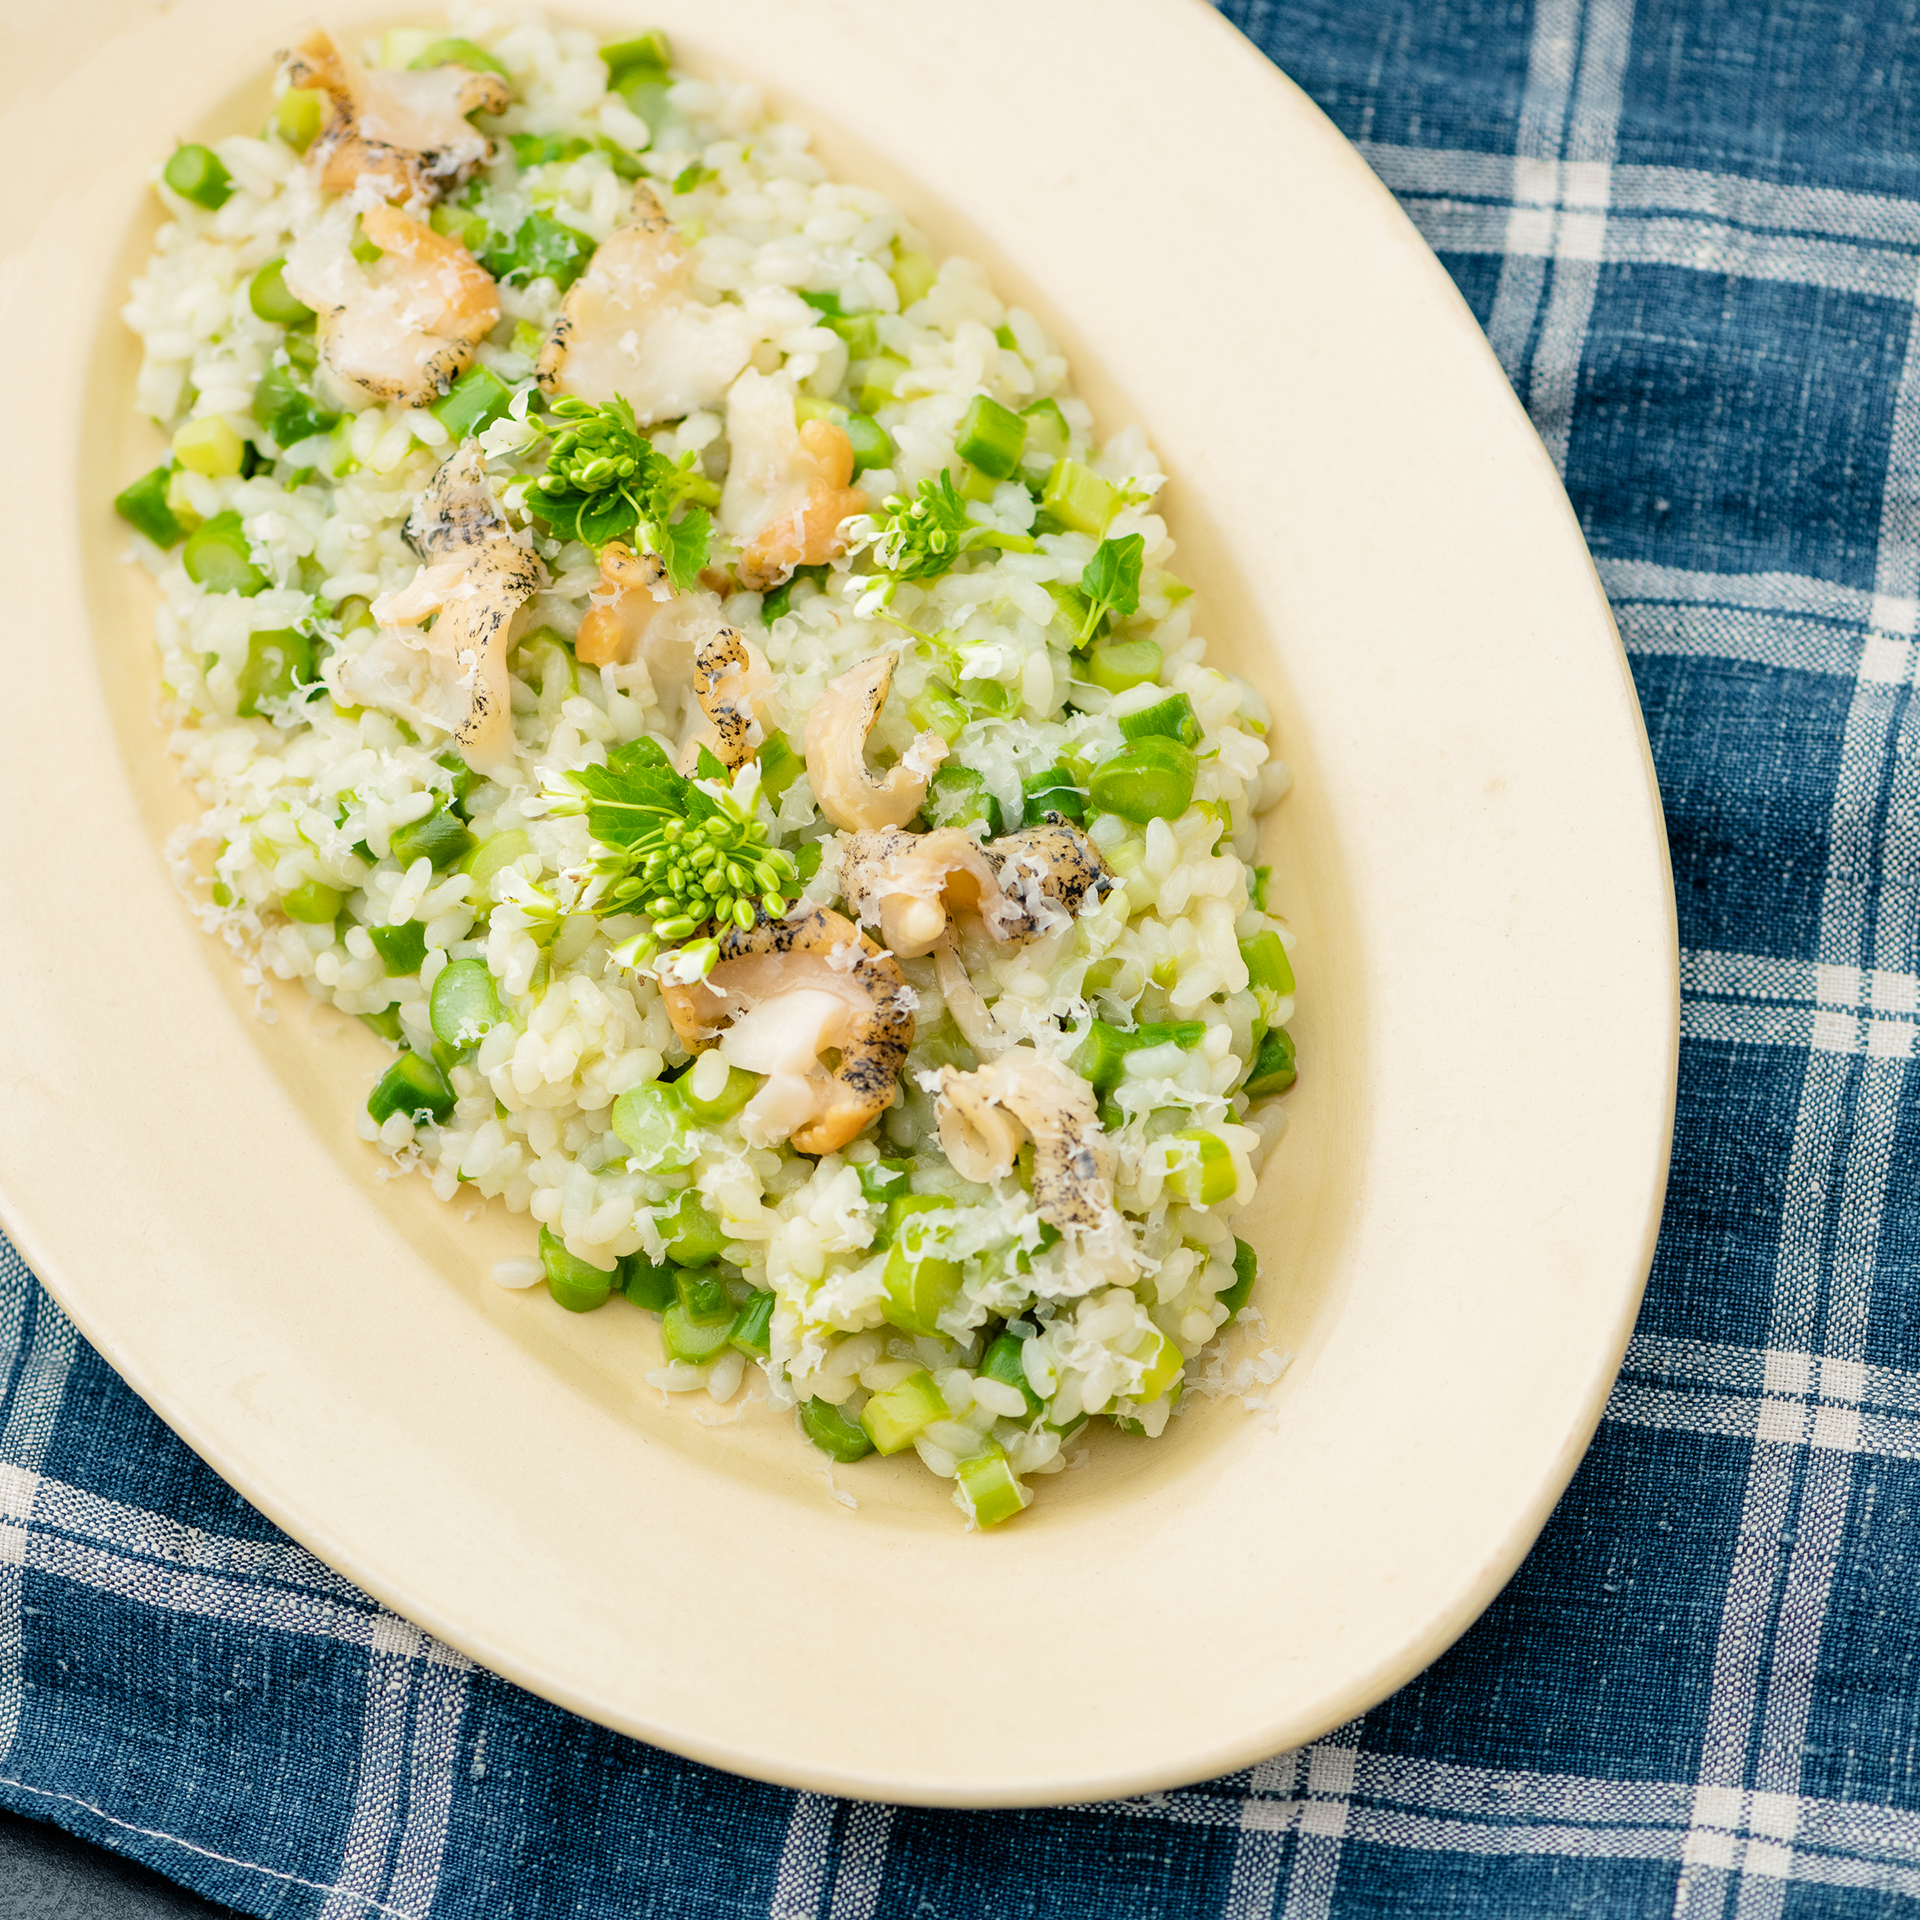 春らしい、贅沢な一皿。<br/>Vol.3 グリーンアスパラガスと活つぶ貝のリゾット